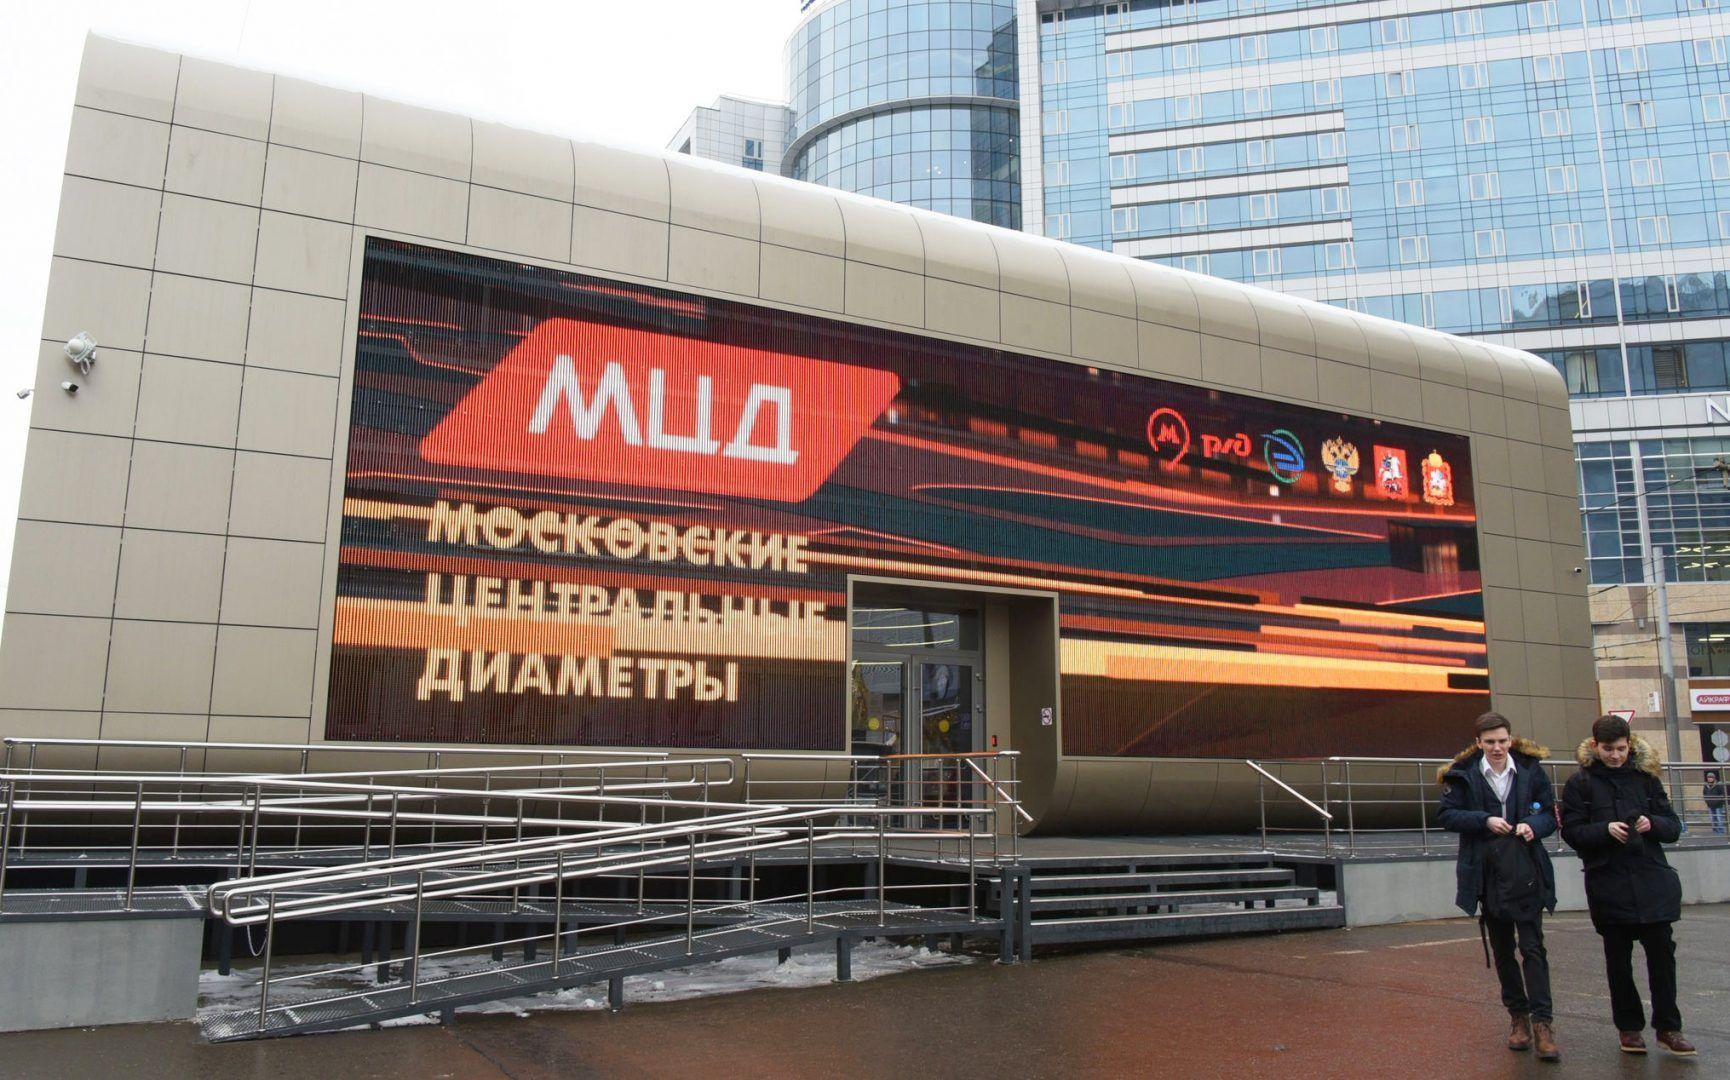 Павильоны МЦД в Москве приняли более 40 тысяч человек за три месяца. Фото: Владимир Новиков